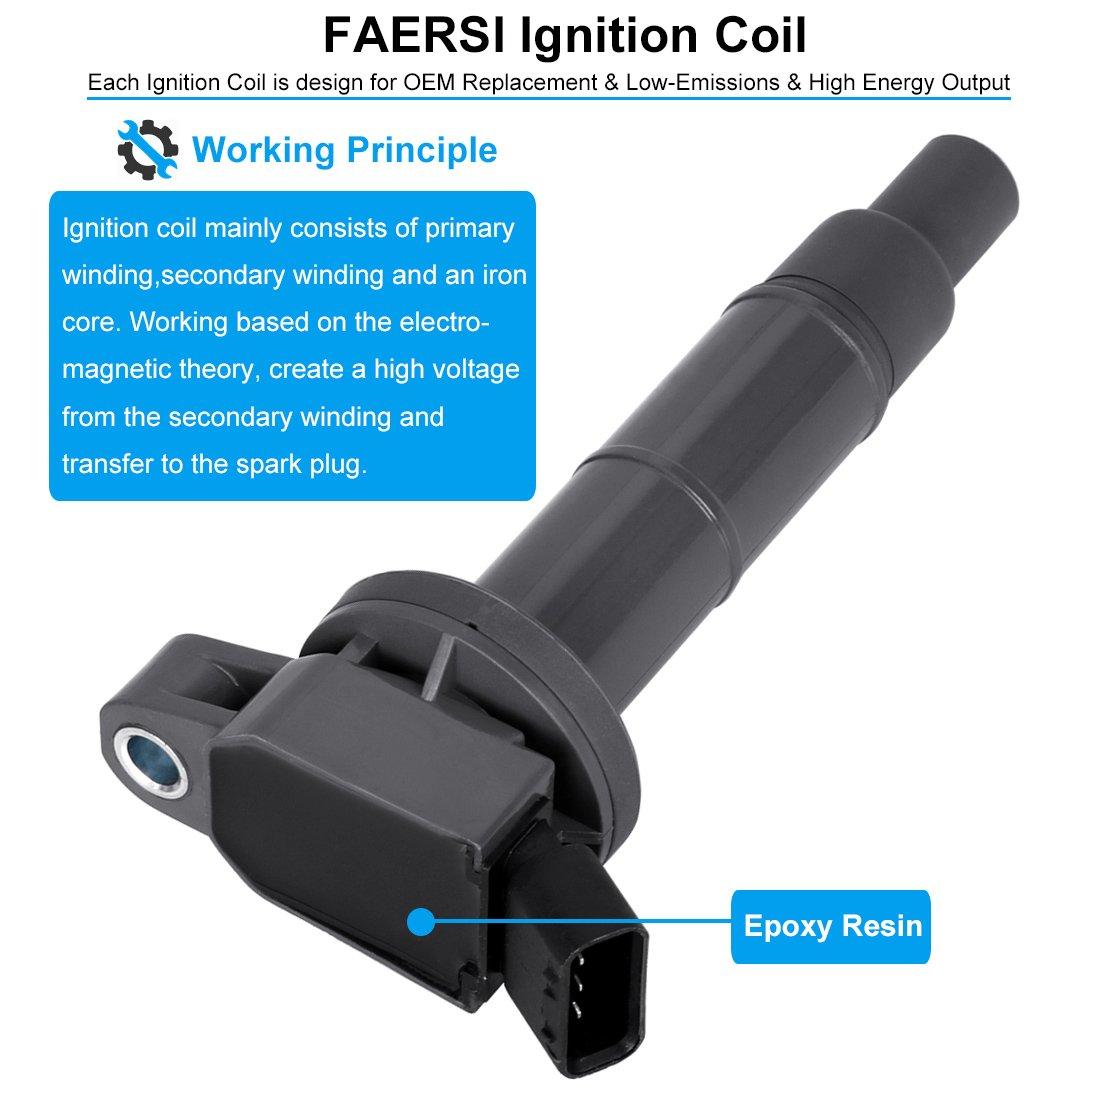 FAERSI Ignition Coil Pack of 4 Replaces OE# UF540 L3G218100A for L4-2006-2013 Mazda 3 2006-2013 Mazda 6 2007-2012 Mazda CX-7 2006-2015 Mazda MX-5 Miata 2 Yr Warranty